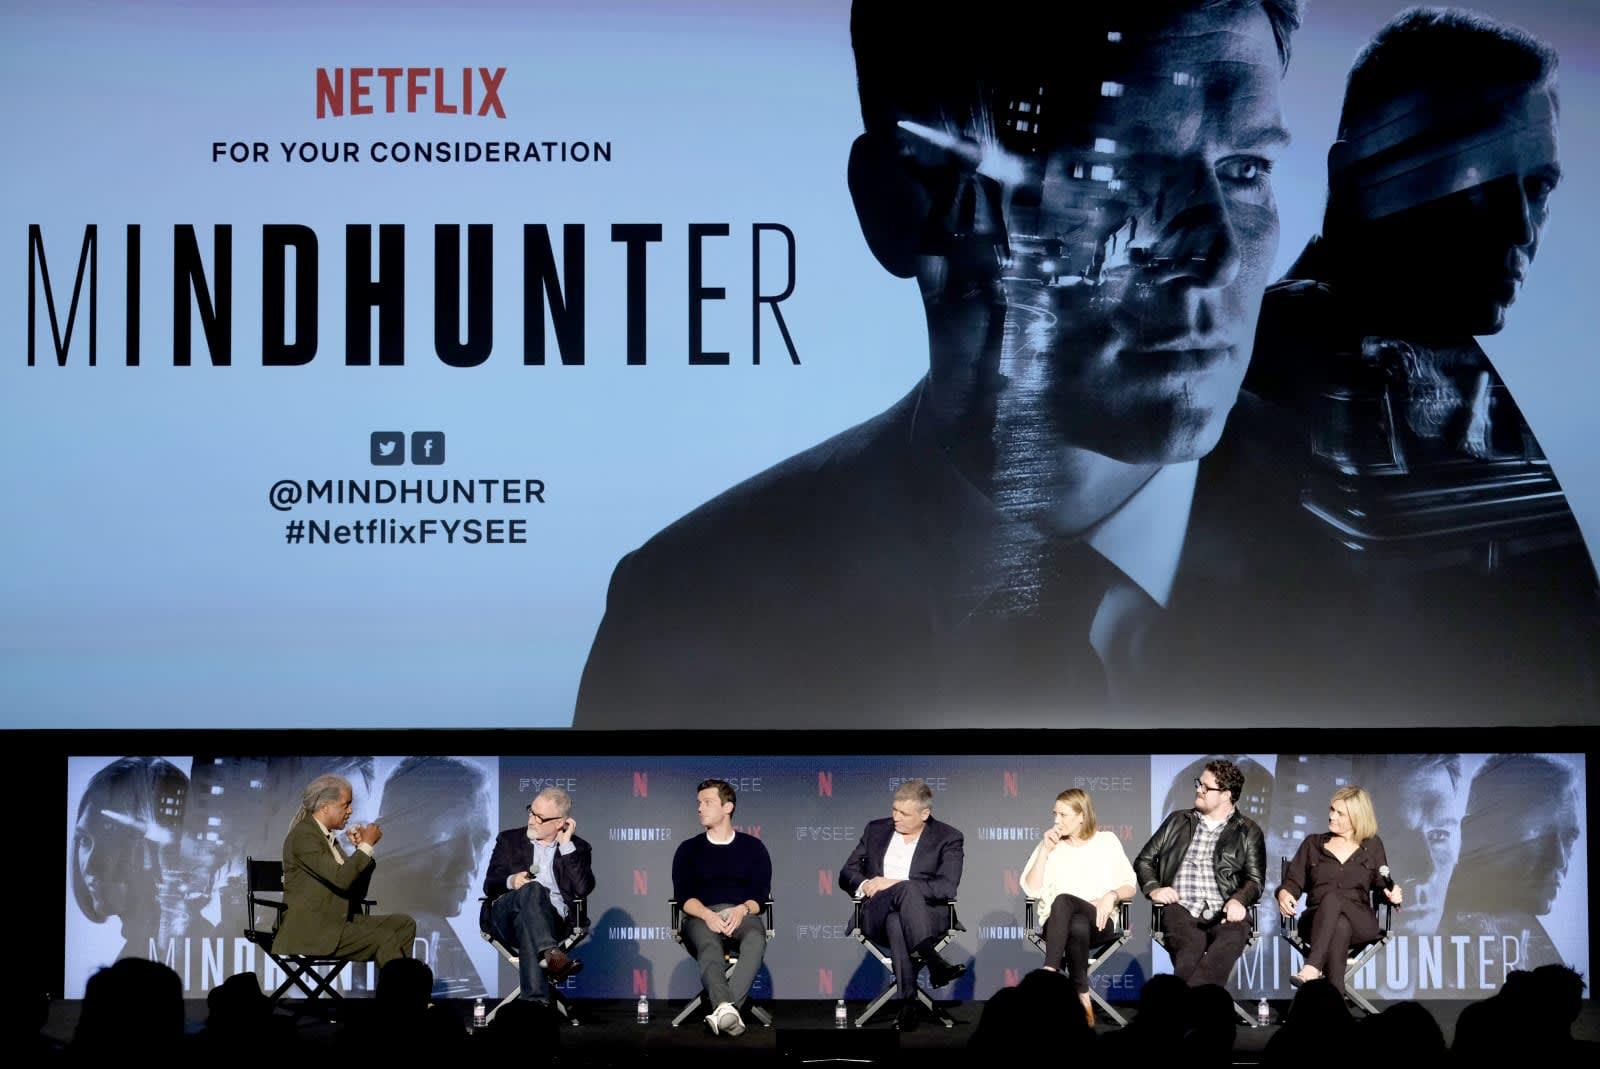 ผลการค้นหารูปภาพสำหรับ mindhunter season 2 series